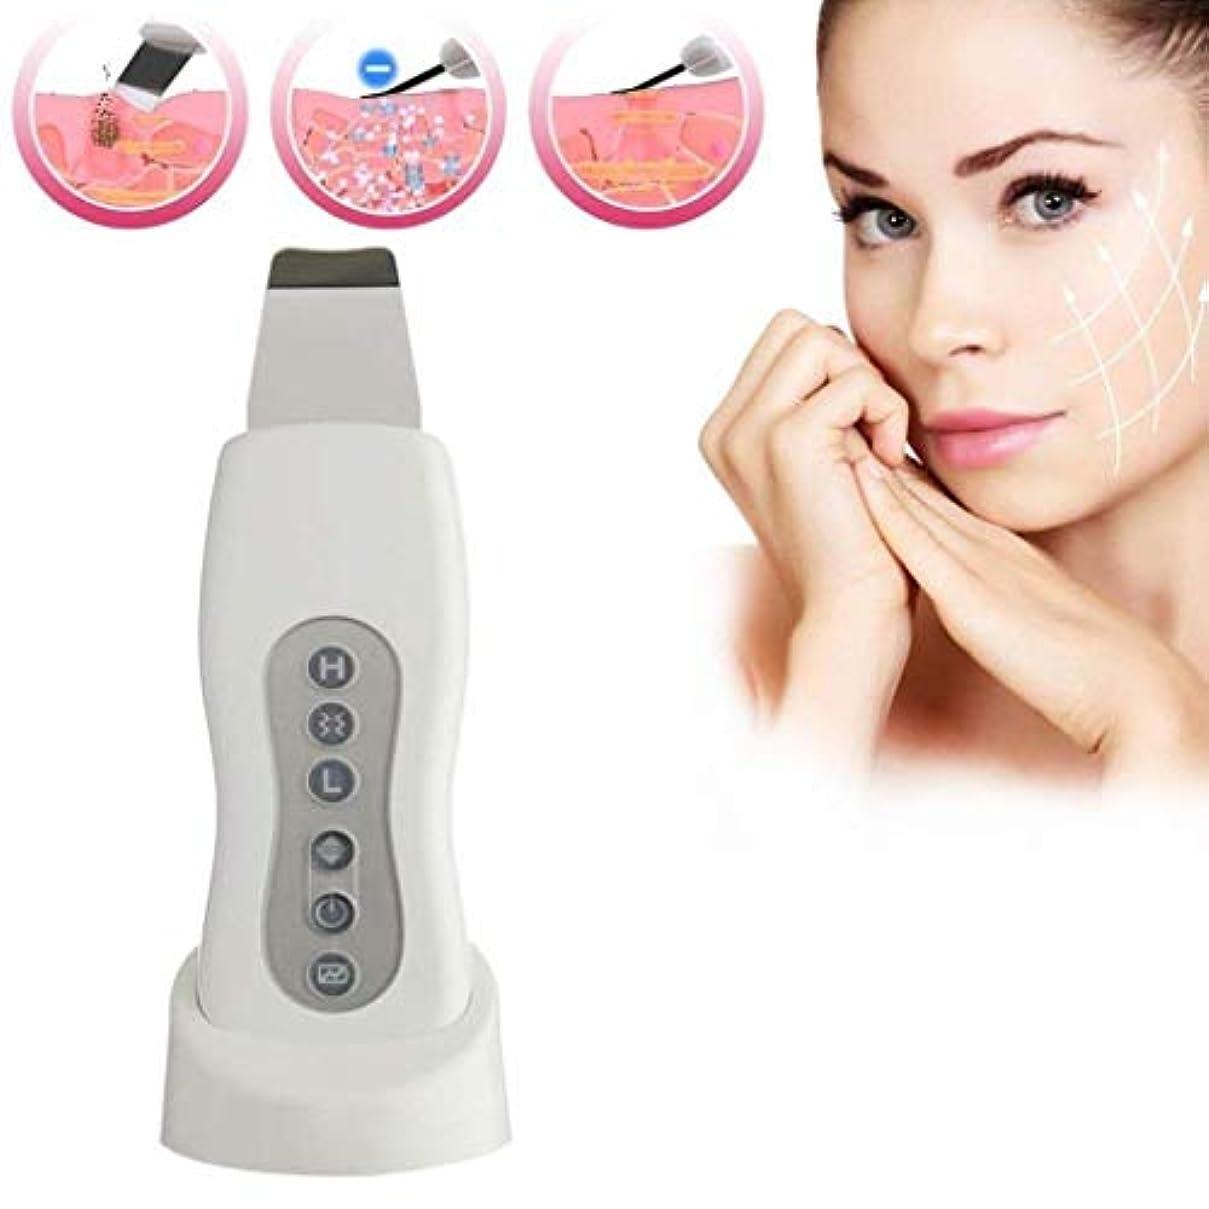 息切れ拍手センター黒ずみを取り除くための顔の皮膚のスクラバーポータブル顔のスクラバーのスキンケアの皮のしわの取り外し機械洗剤の美顔装置